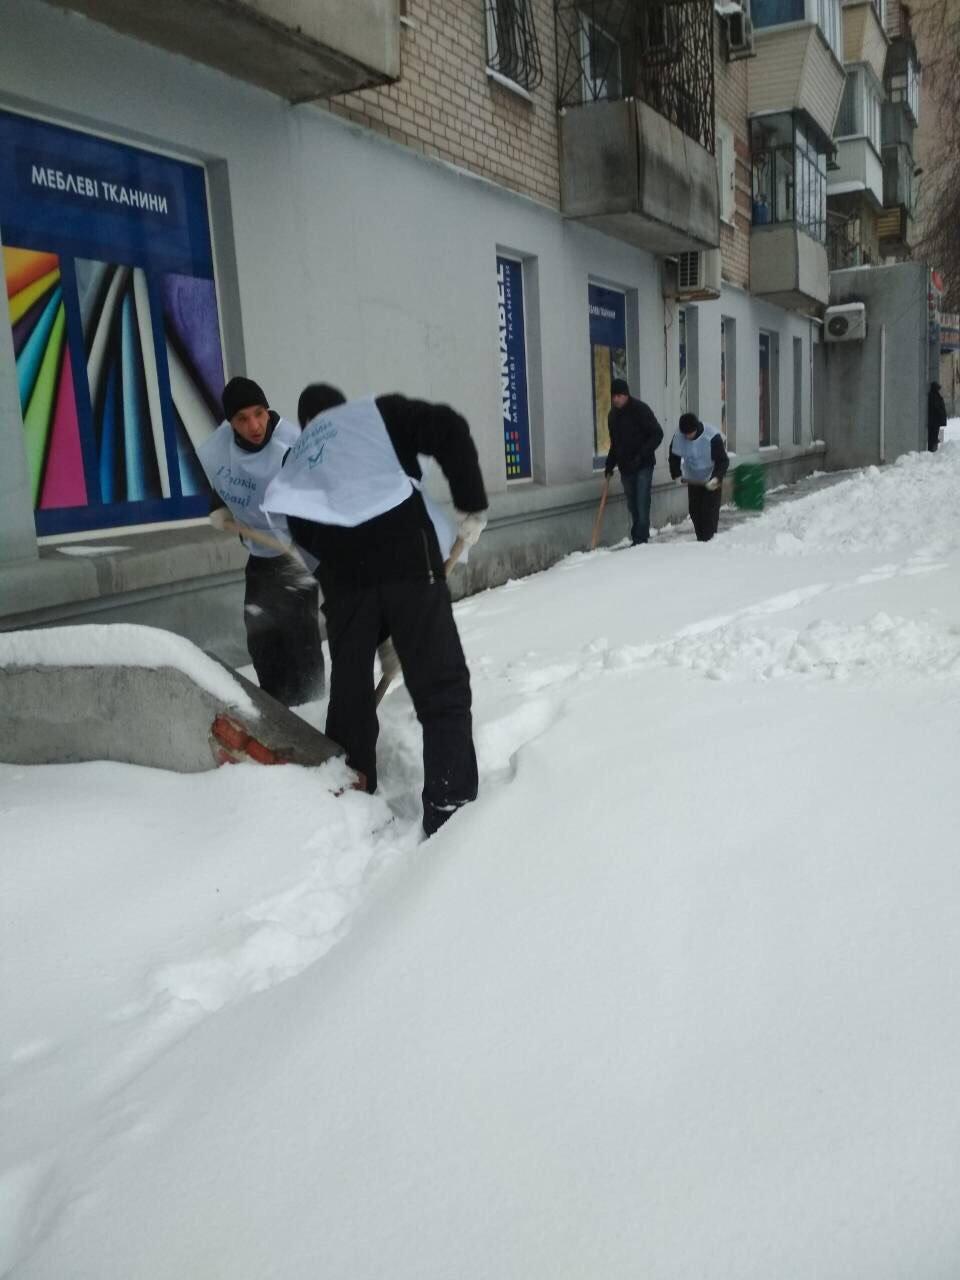 В Днепре депутат организует флэшмоб по расчистке снега, фото-2